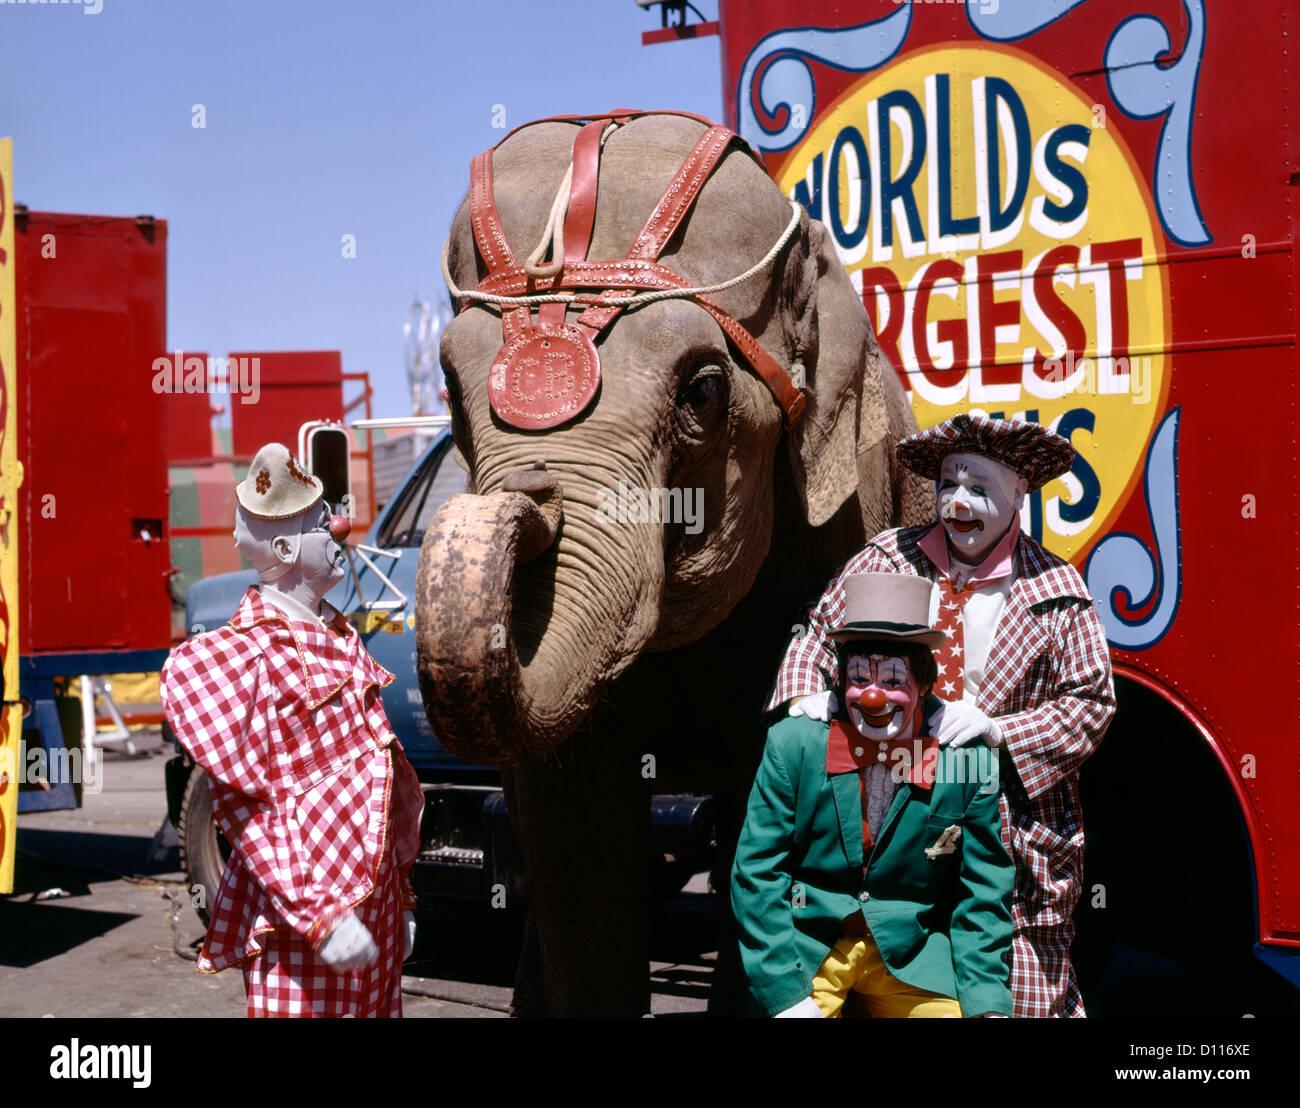 Barnum And Bailey Circus European Tour